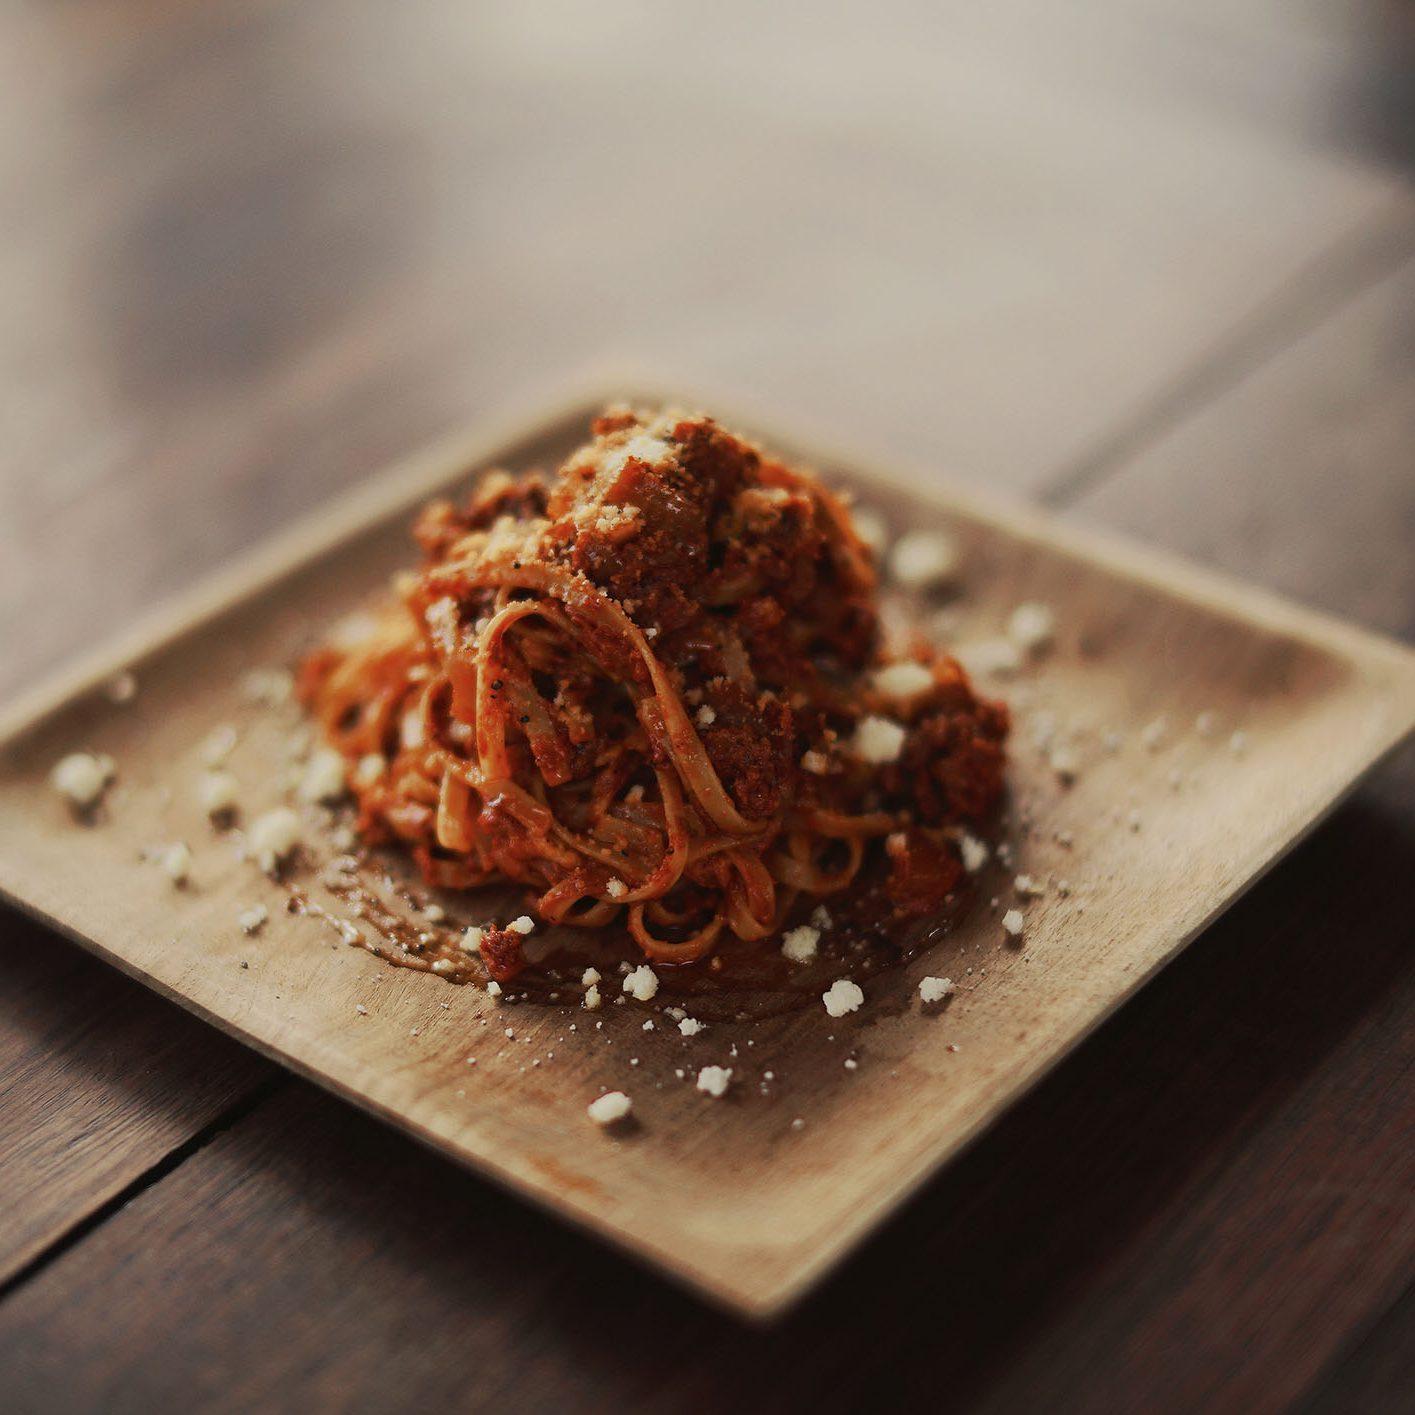 https://k-foodfan.com/wp-content/uploads/2019/11/007-Salade-de-soja-noir-aux-nouilles-de-riz-e1572950419930.jpg